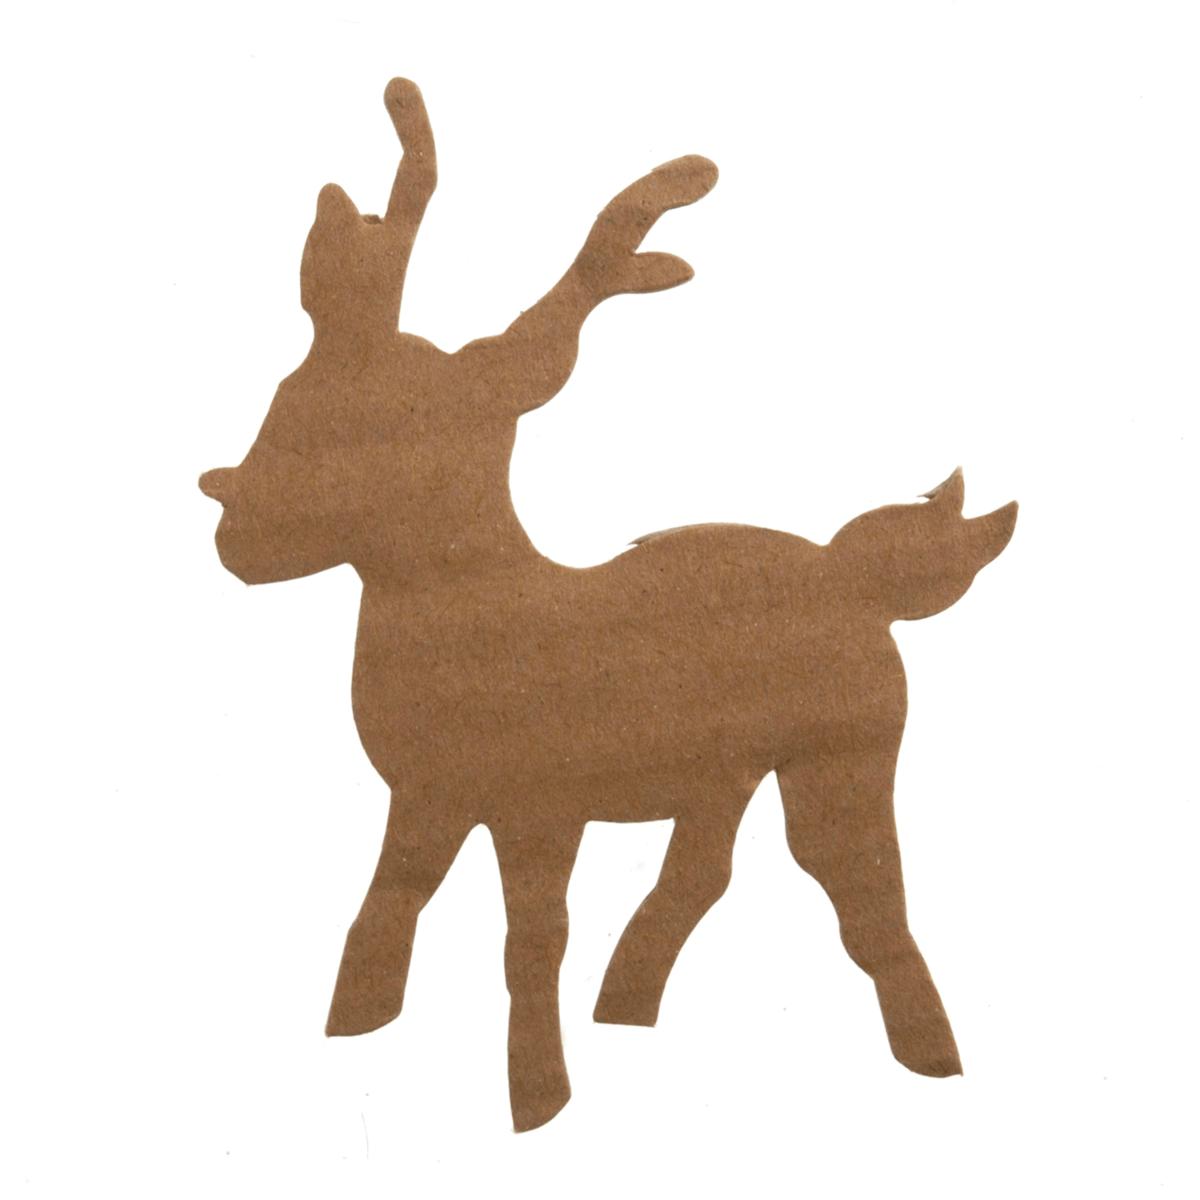 4 x Christmas Die Cut Reindeer Embellishments Craft